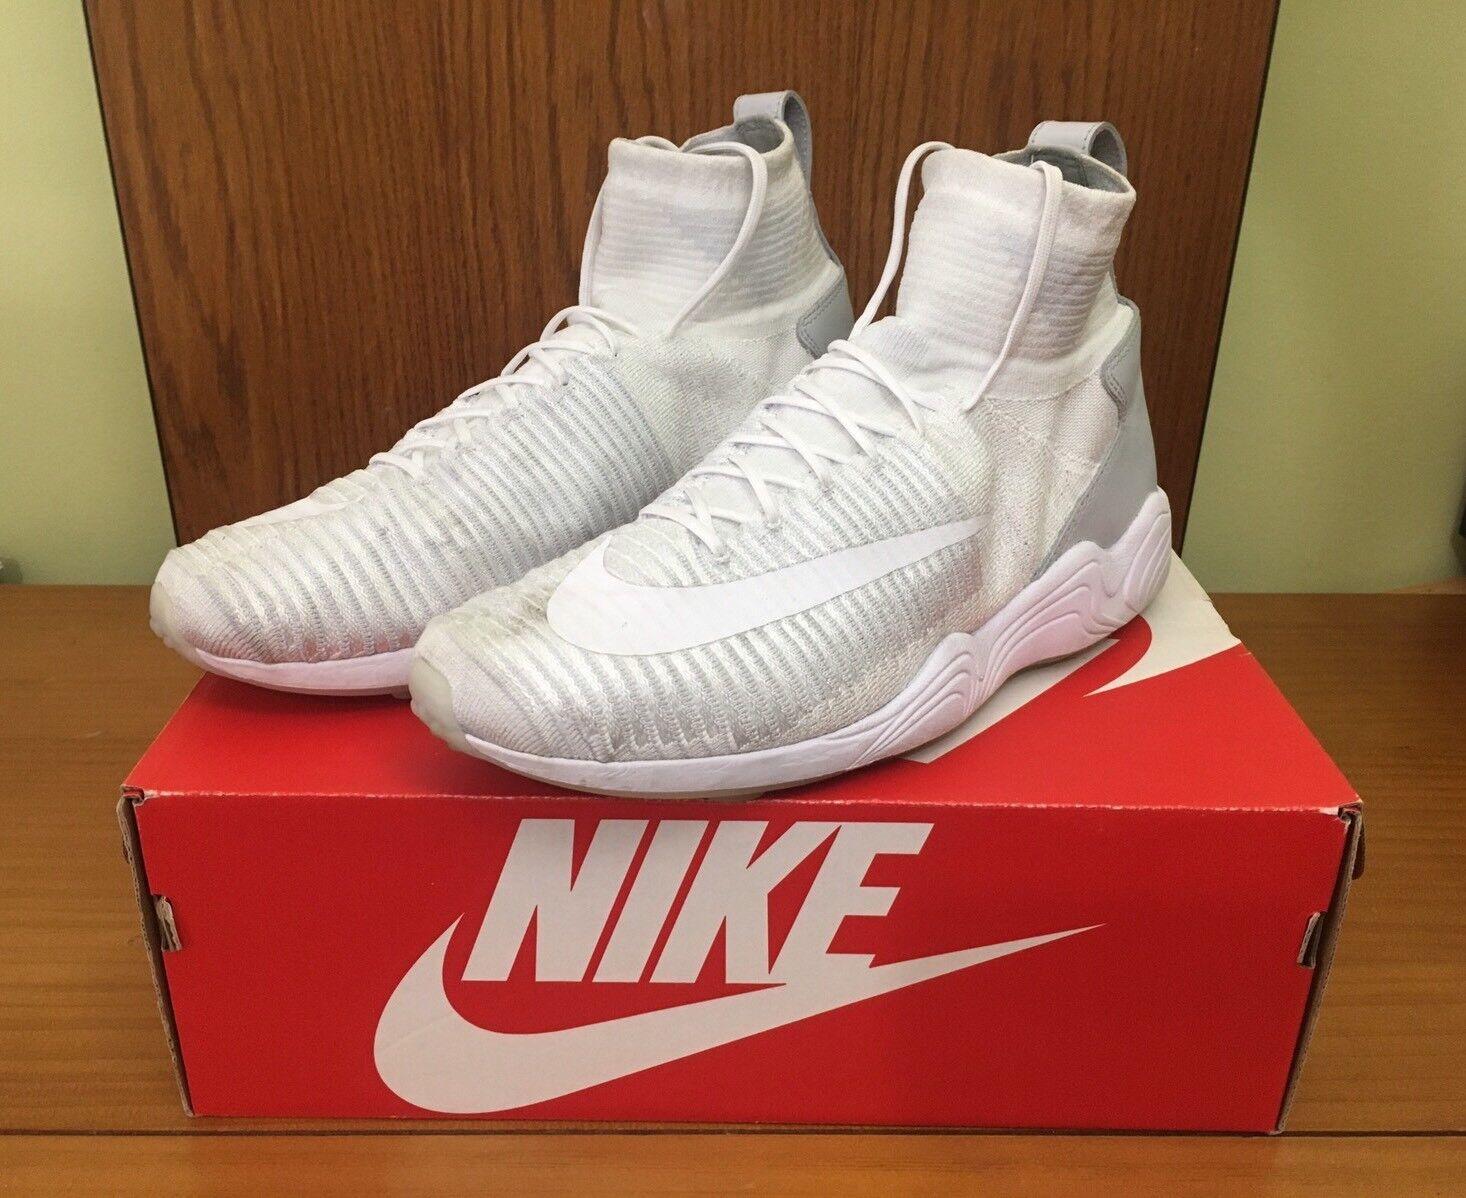 Nike zoom luft sprunghafter xi fk flyknit weiße / wolf grauen größe 9 844626-100 w / box